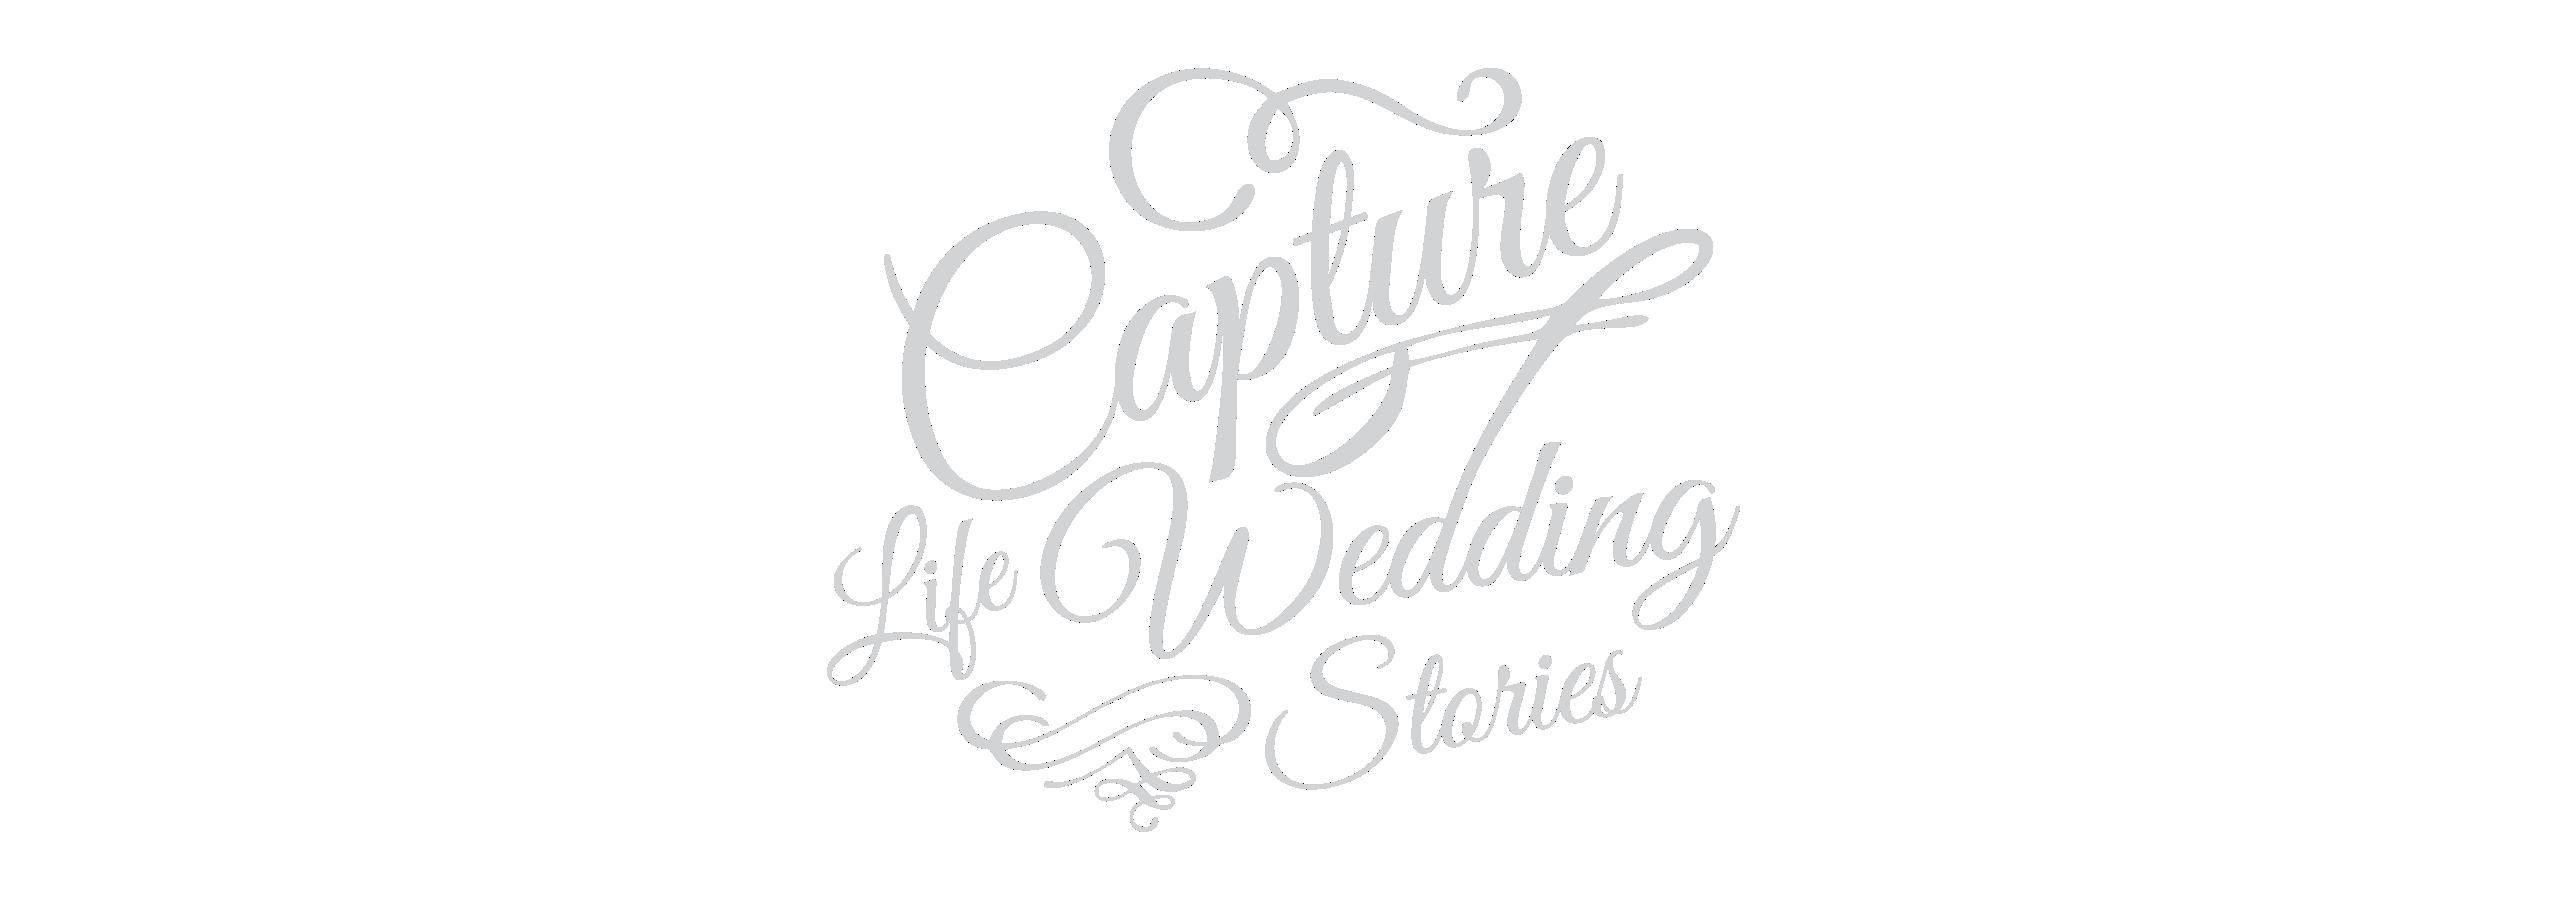 Capture Wedding Sotries